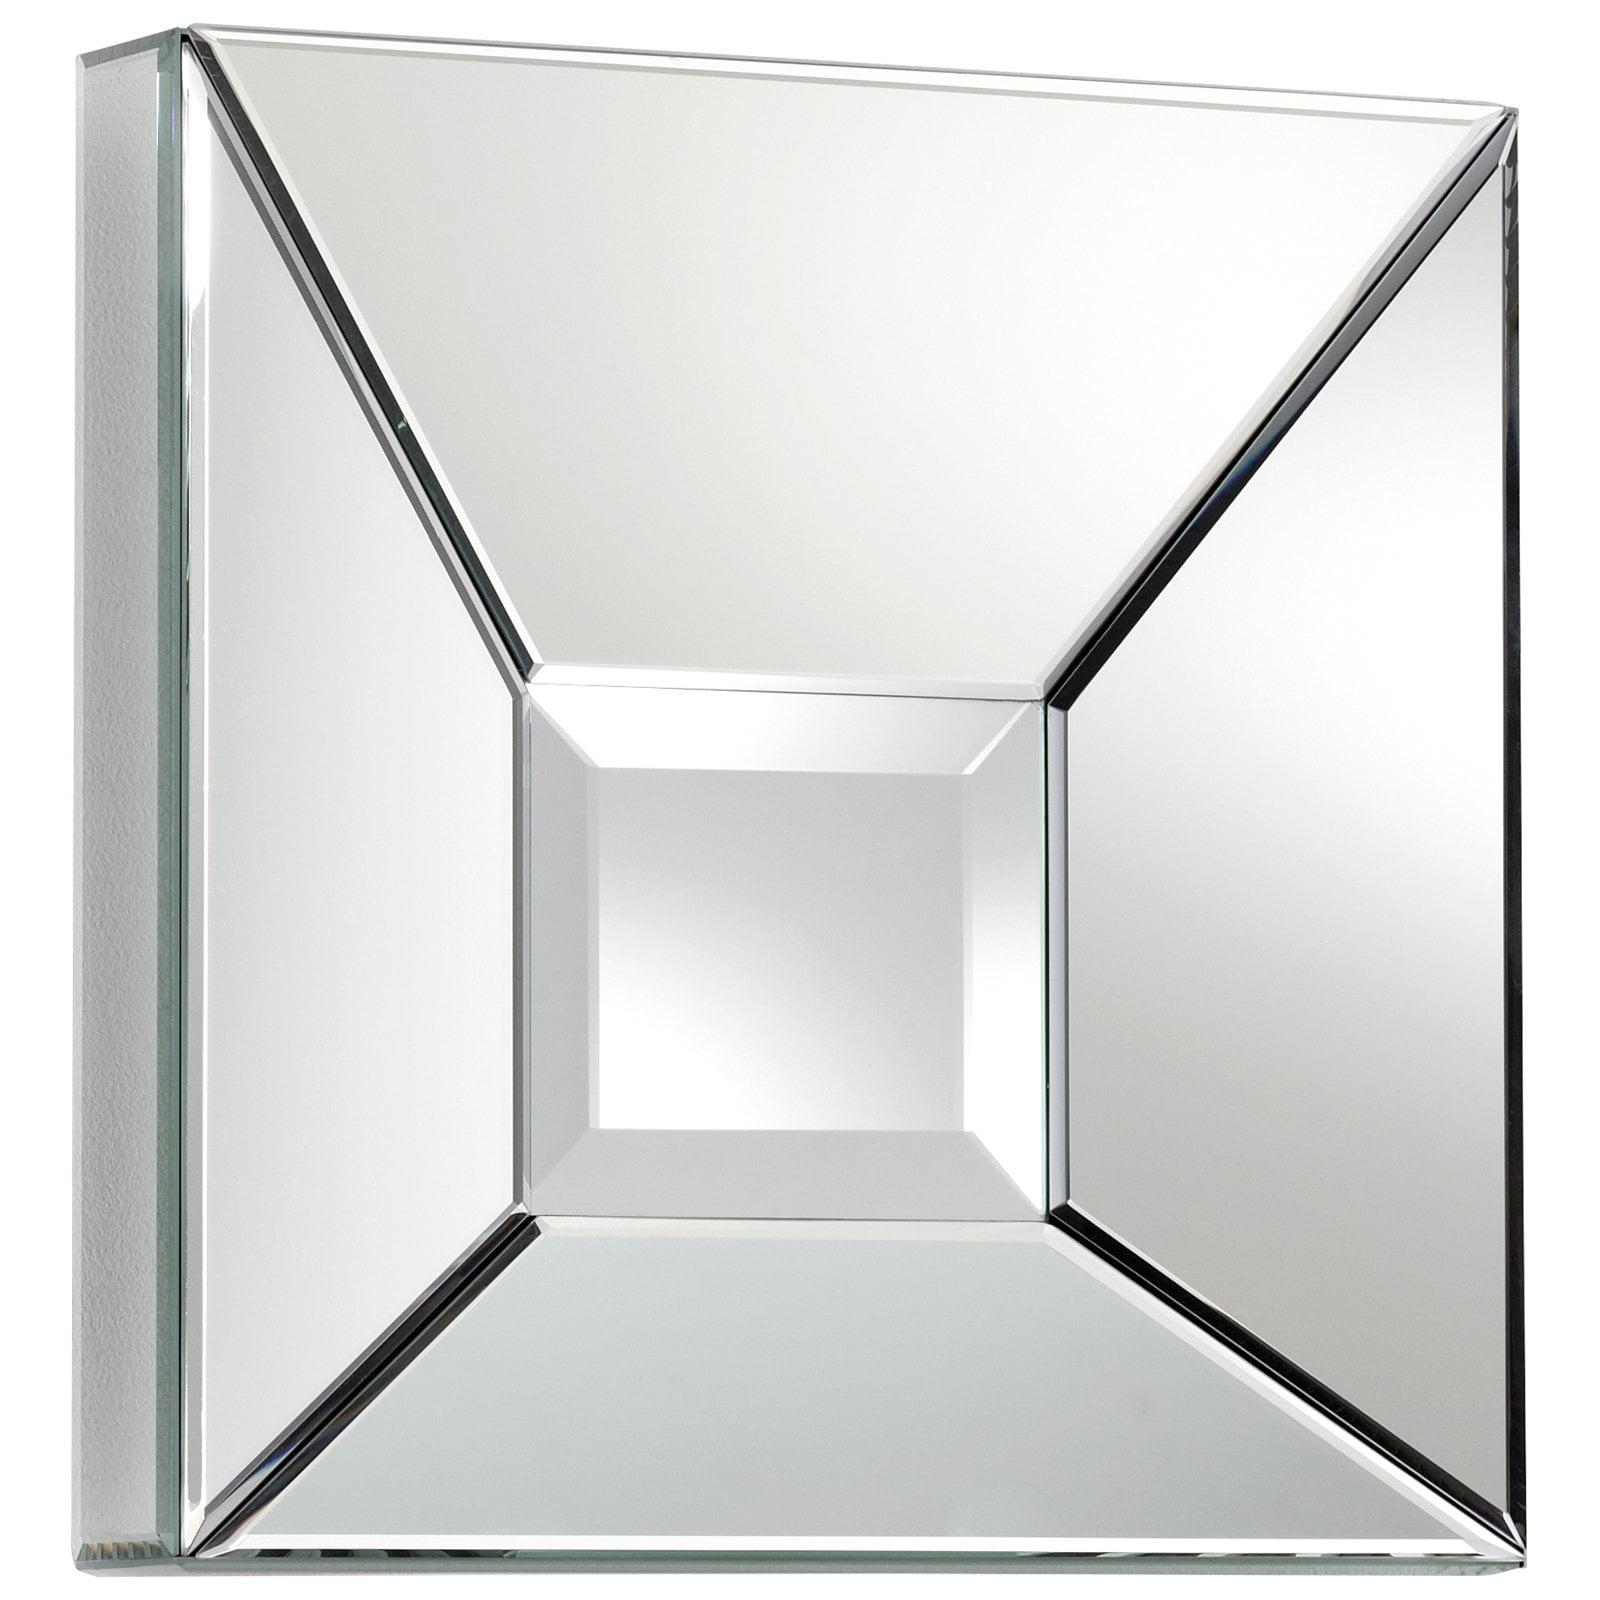 Cyan Design Pentallica Square Mirror 15.75W x 15.75H in. by Cyan Design